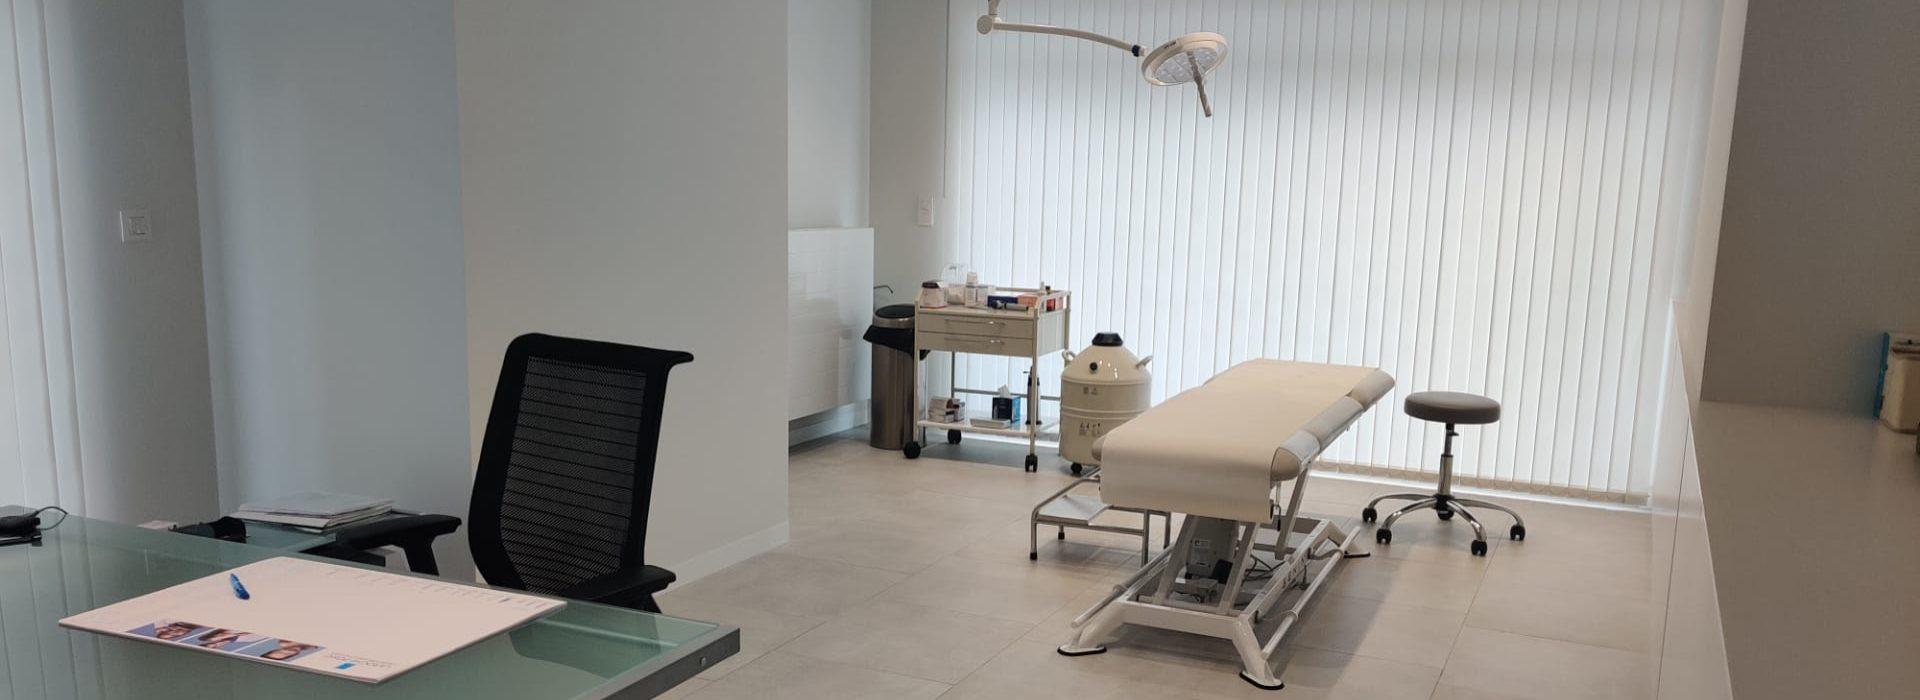 Dermatoloog Dr Libuse Leys-Matejkova